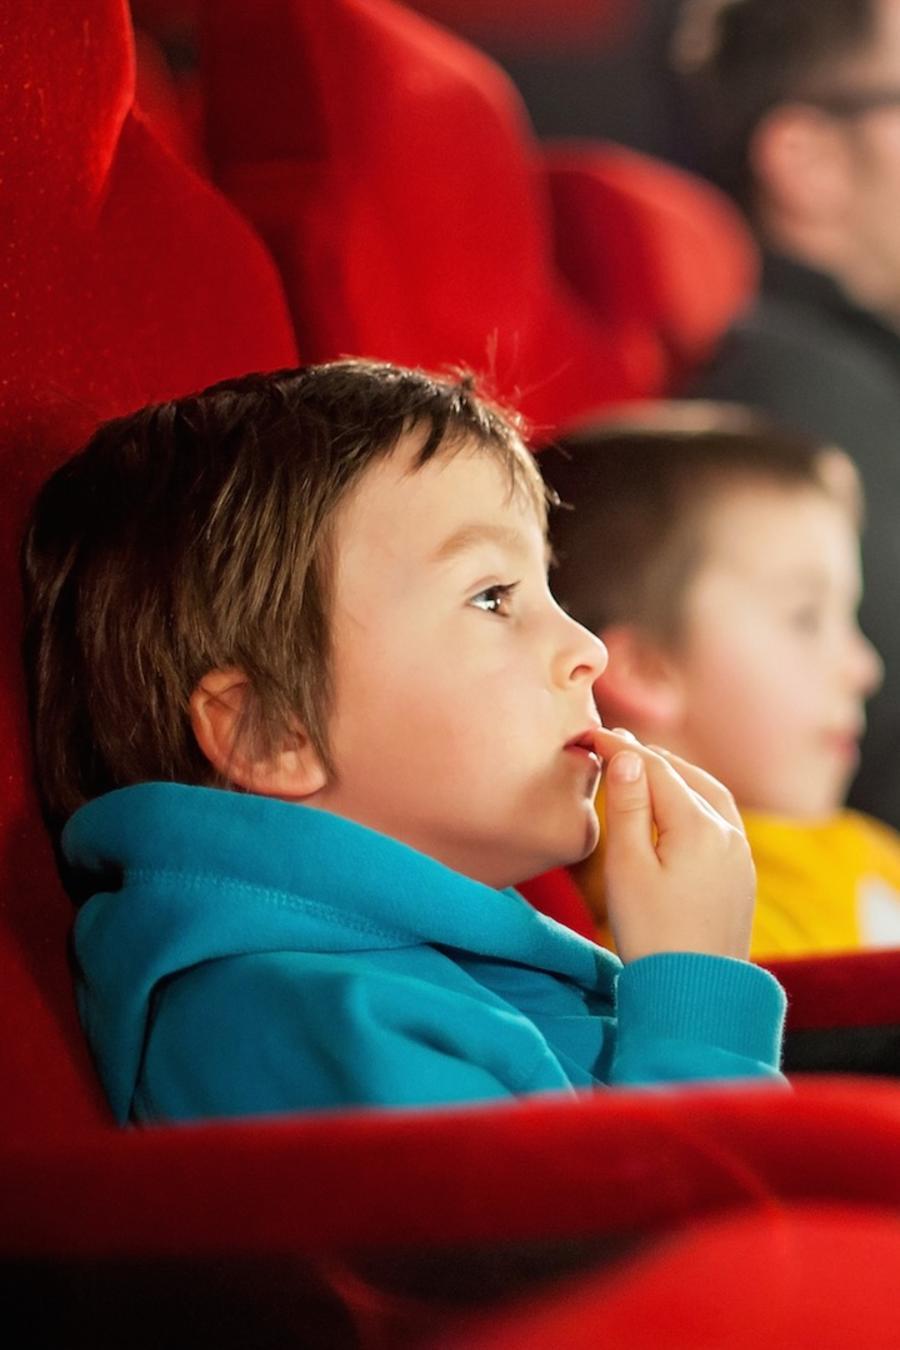 Dos niños en el cine viendo una película